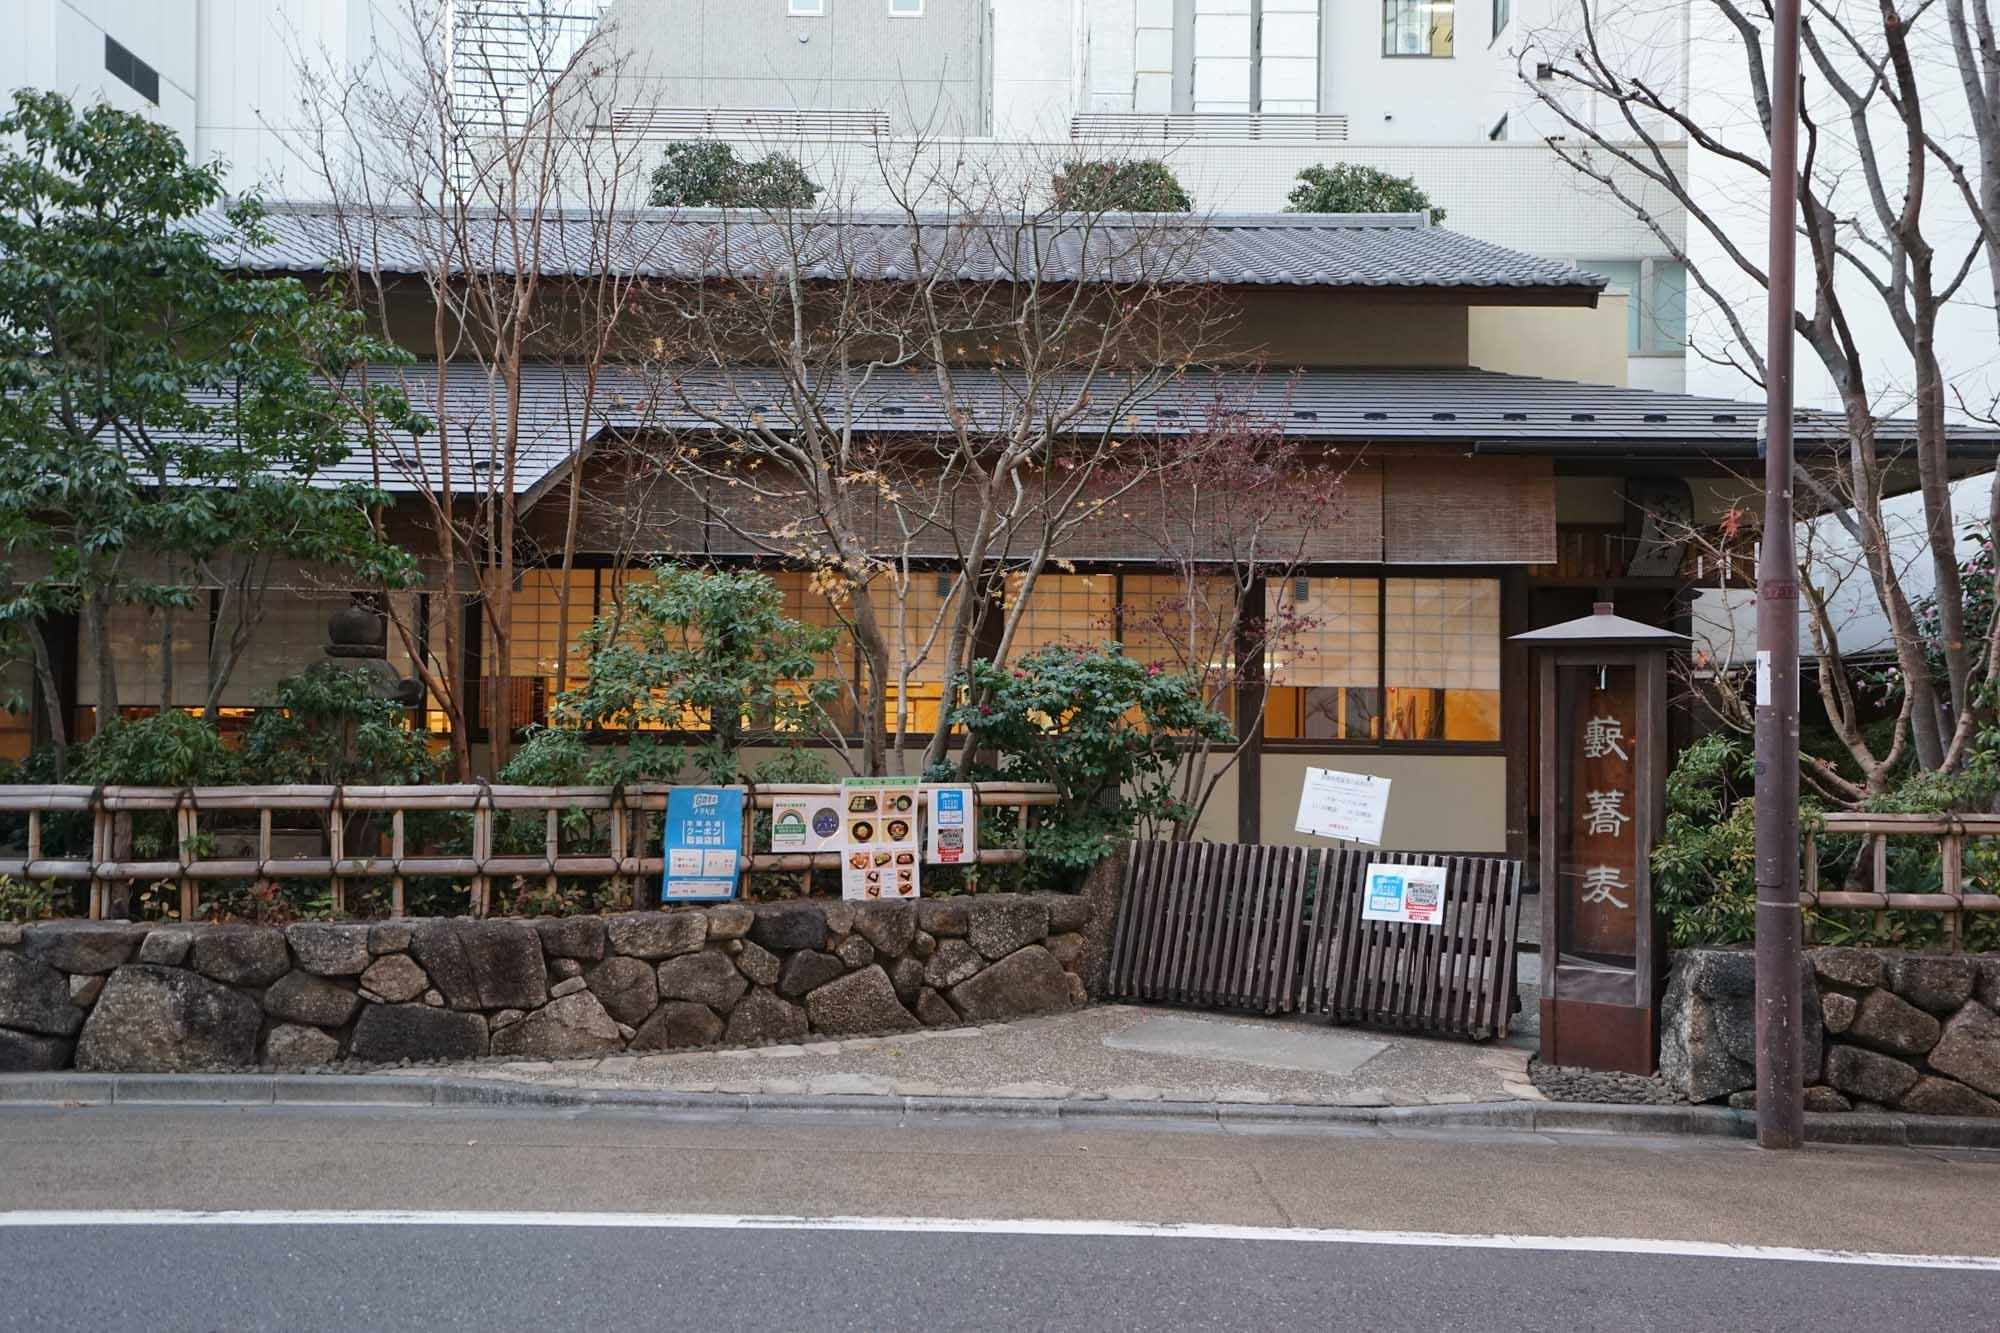 明治13年創業の老舗蕎麦屋さん、「かんだやぶそば」も近所に。東京の名店がたくさん集まっている神田エリアです。